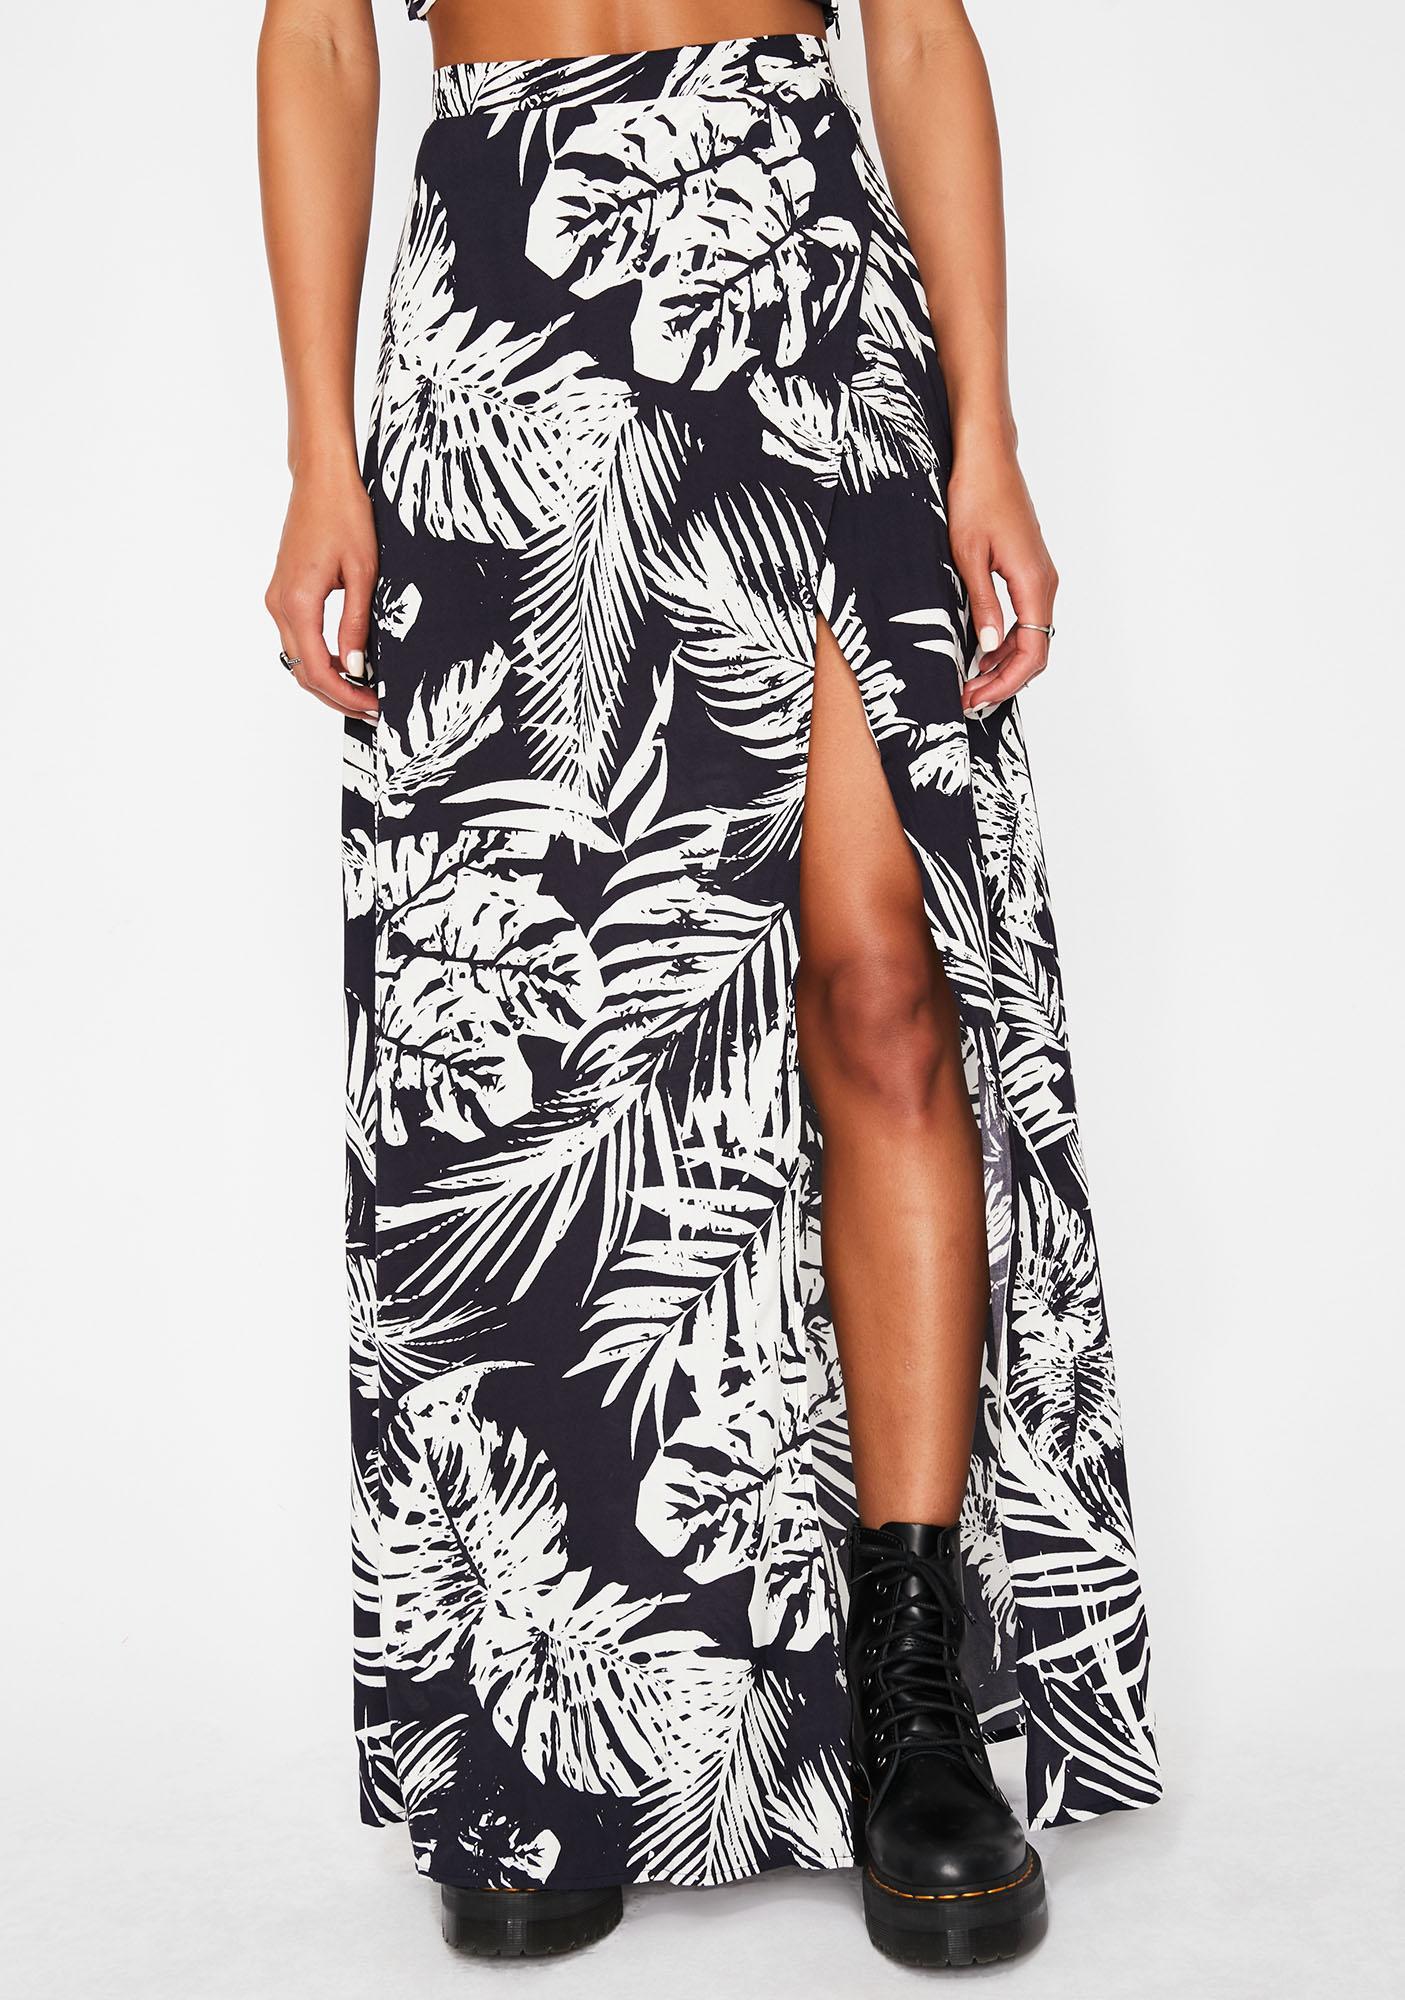 Lira Clothing Magdalena Skirt